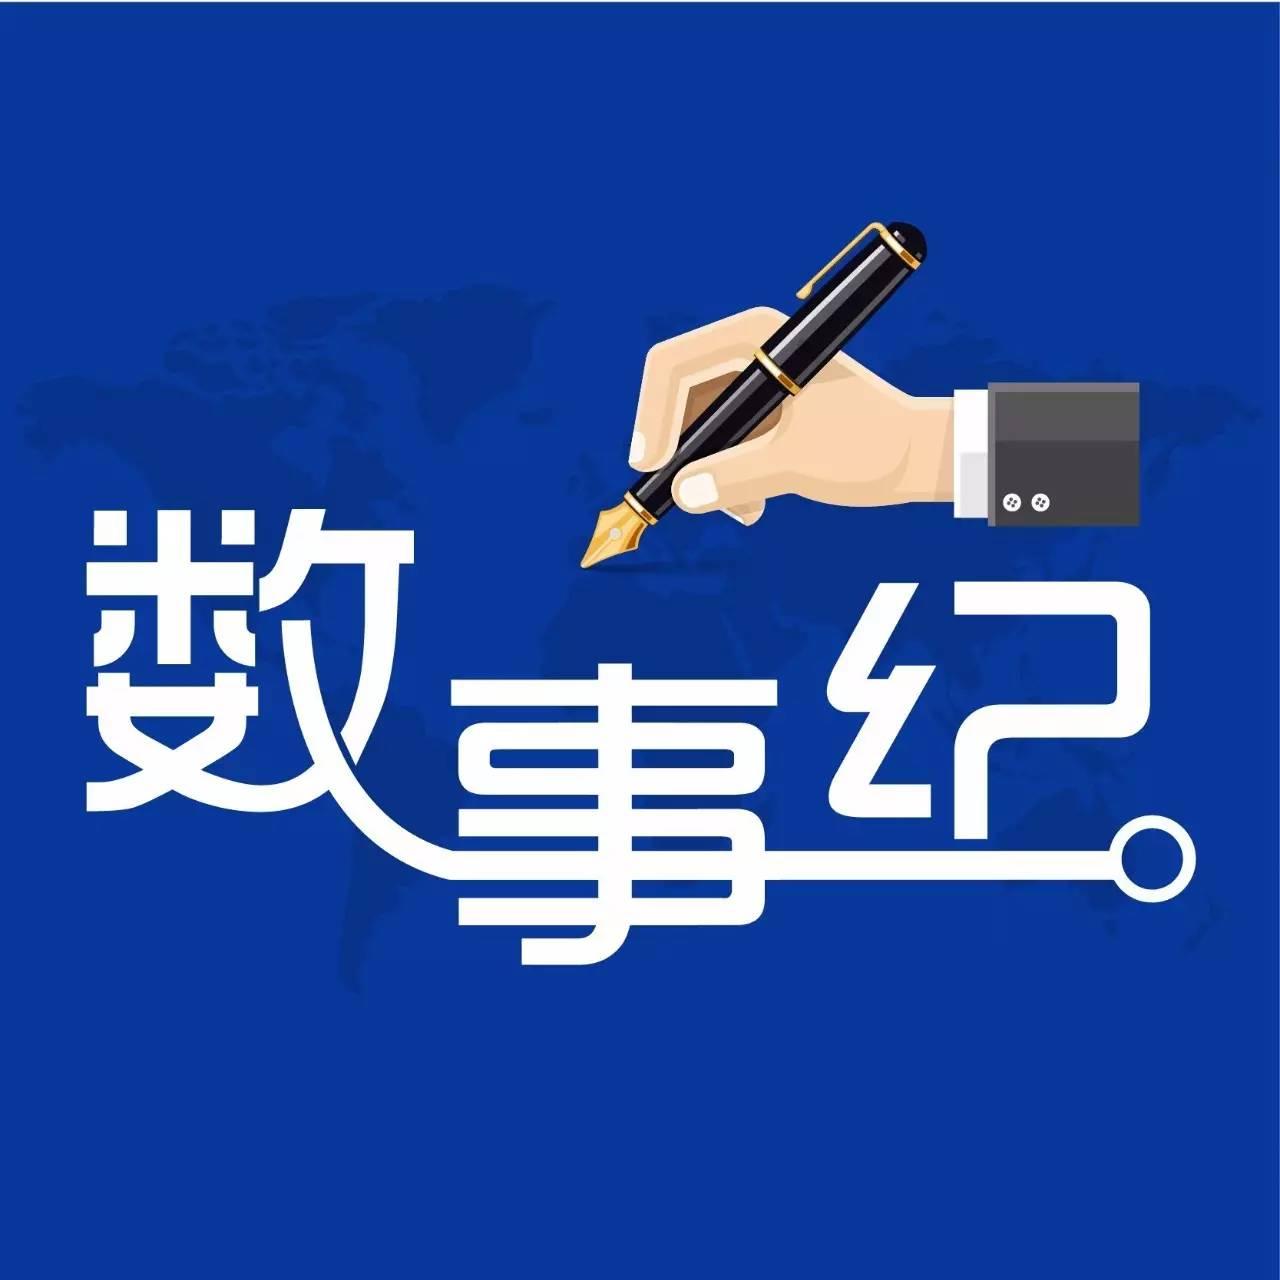 2017产品经理千人峰会开幕在即 饿了么汪渊谈外卖业务产品建设